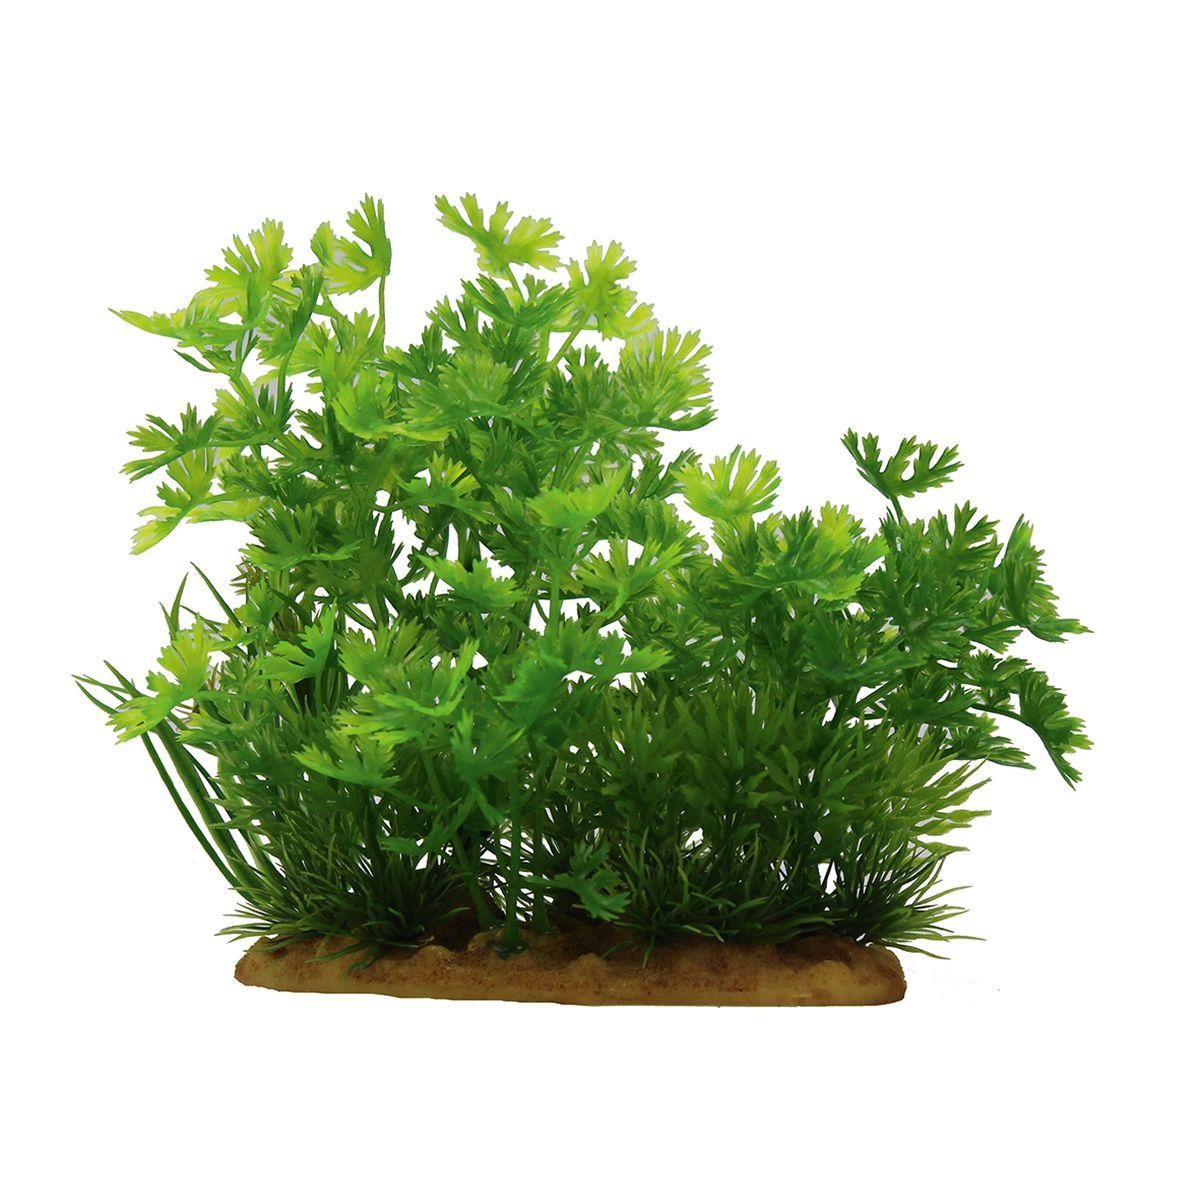 Растение для аквариума ArtUniq Лютик водный, высота 15 смART-1160102Растение для аквариума ArtUniq Лютик водный, высота 15 см